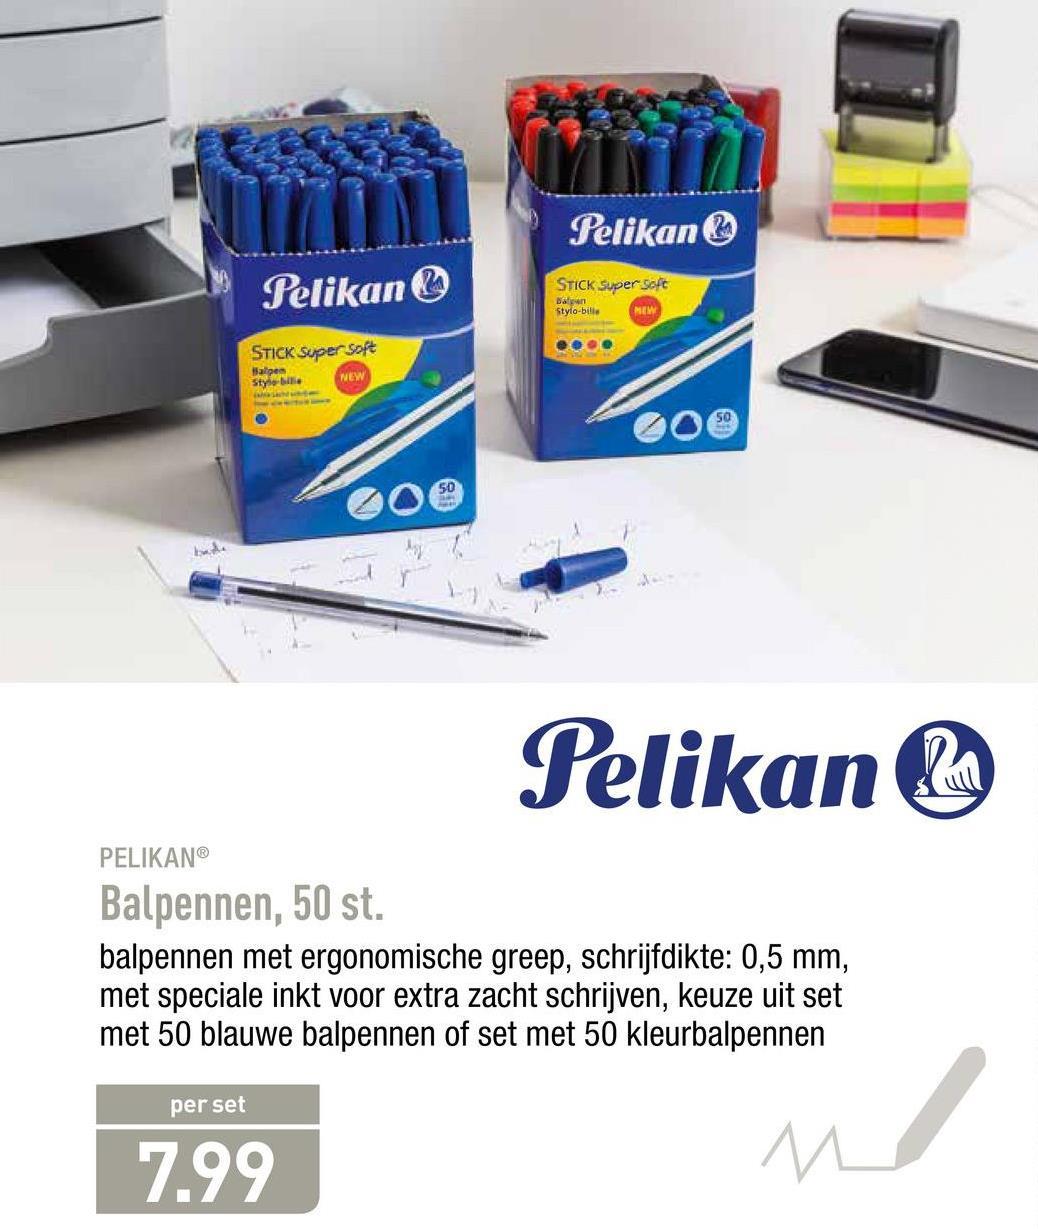 Pelikan Pelikan STICK Super Soft Stylo-bille STICK Super Soft Wape Style NEW coe Pelikan PELIKAN® Balpennen, 50 st. balpennen met ergonomische greep, schrijfdikte: 0,5 mm, met speciale inkt voor extra zacht schrijven, keuze uit set met 50 blauwe balpennen of set met 50 kleurbalpennen per set 7.99